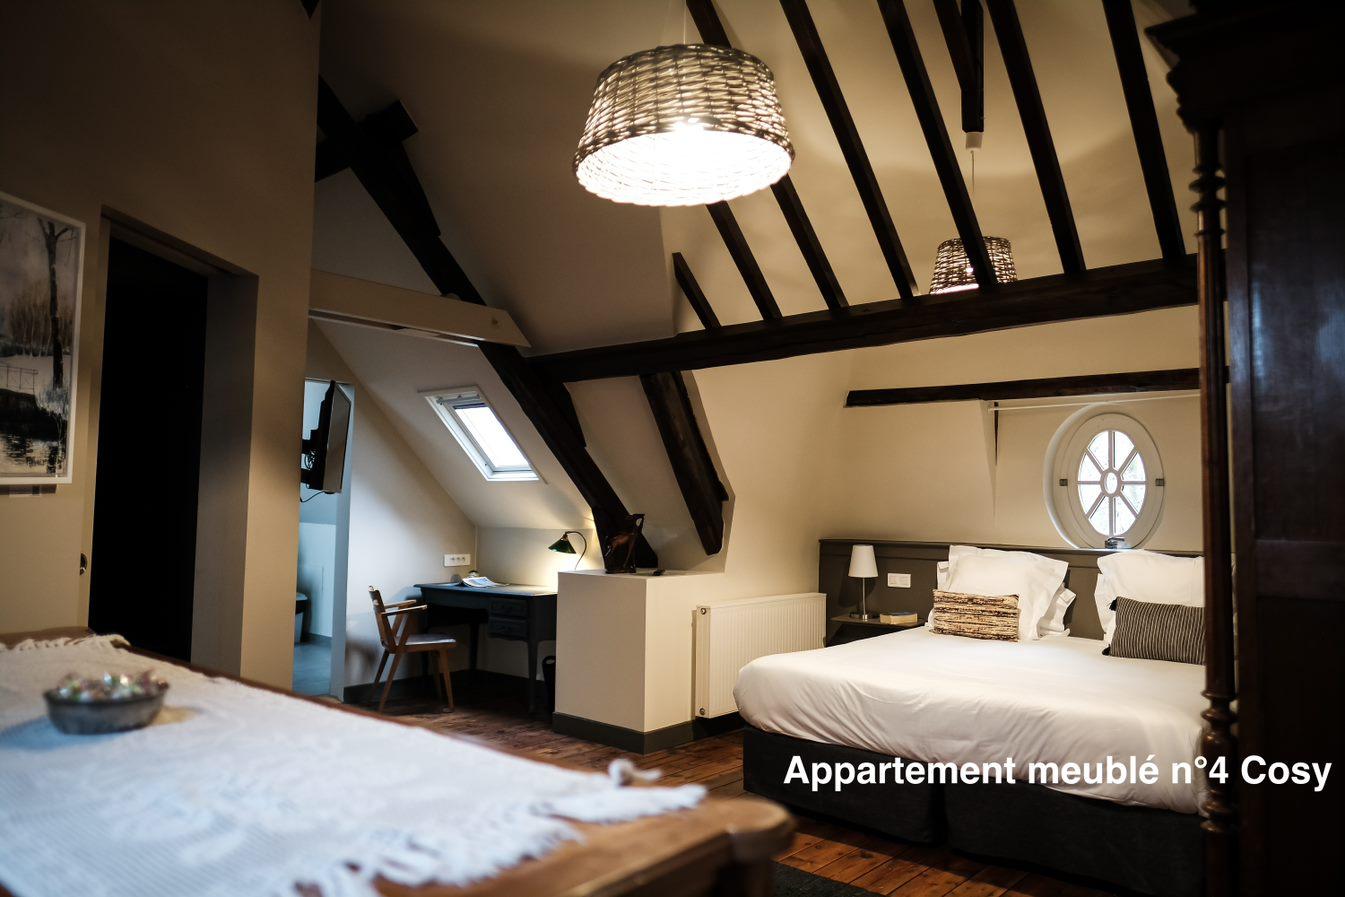 The nest - Appartement meublé climatisé avec vue sur le boulevard du centre-ville d'Amiens, cosy et charme de cet appart'hotel